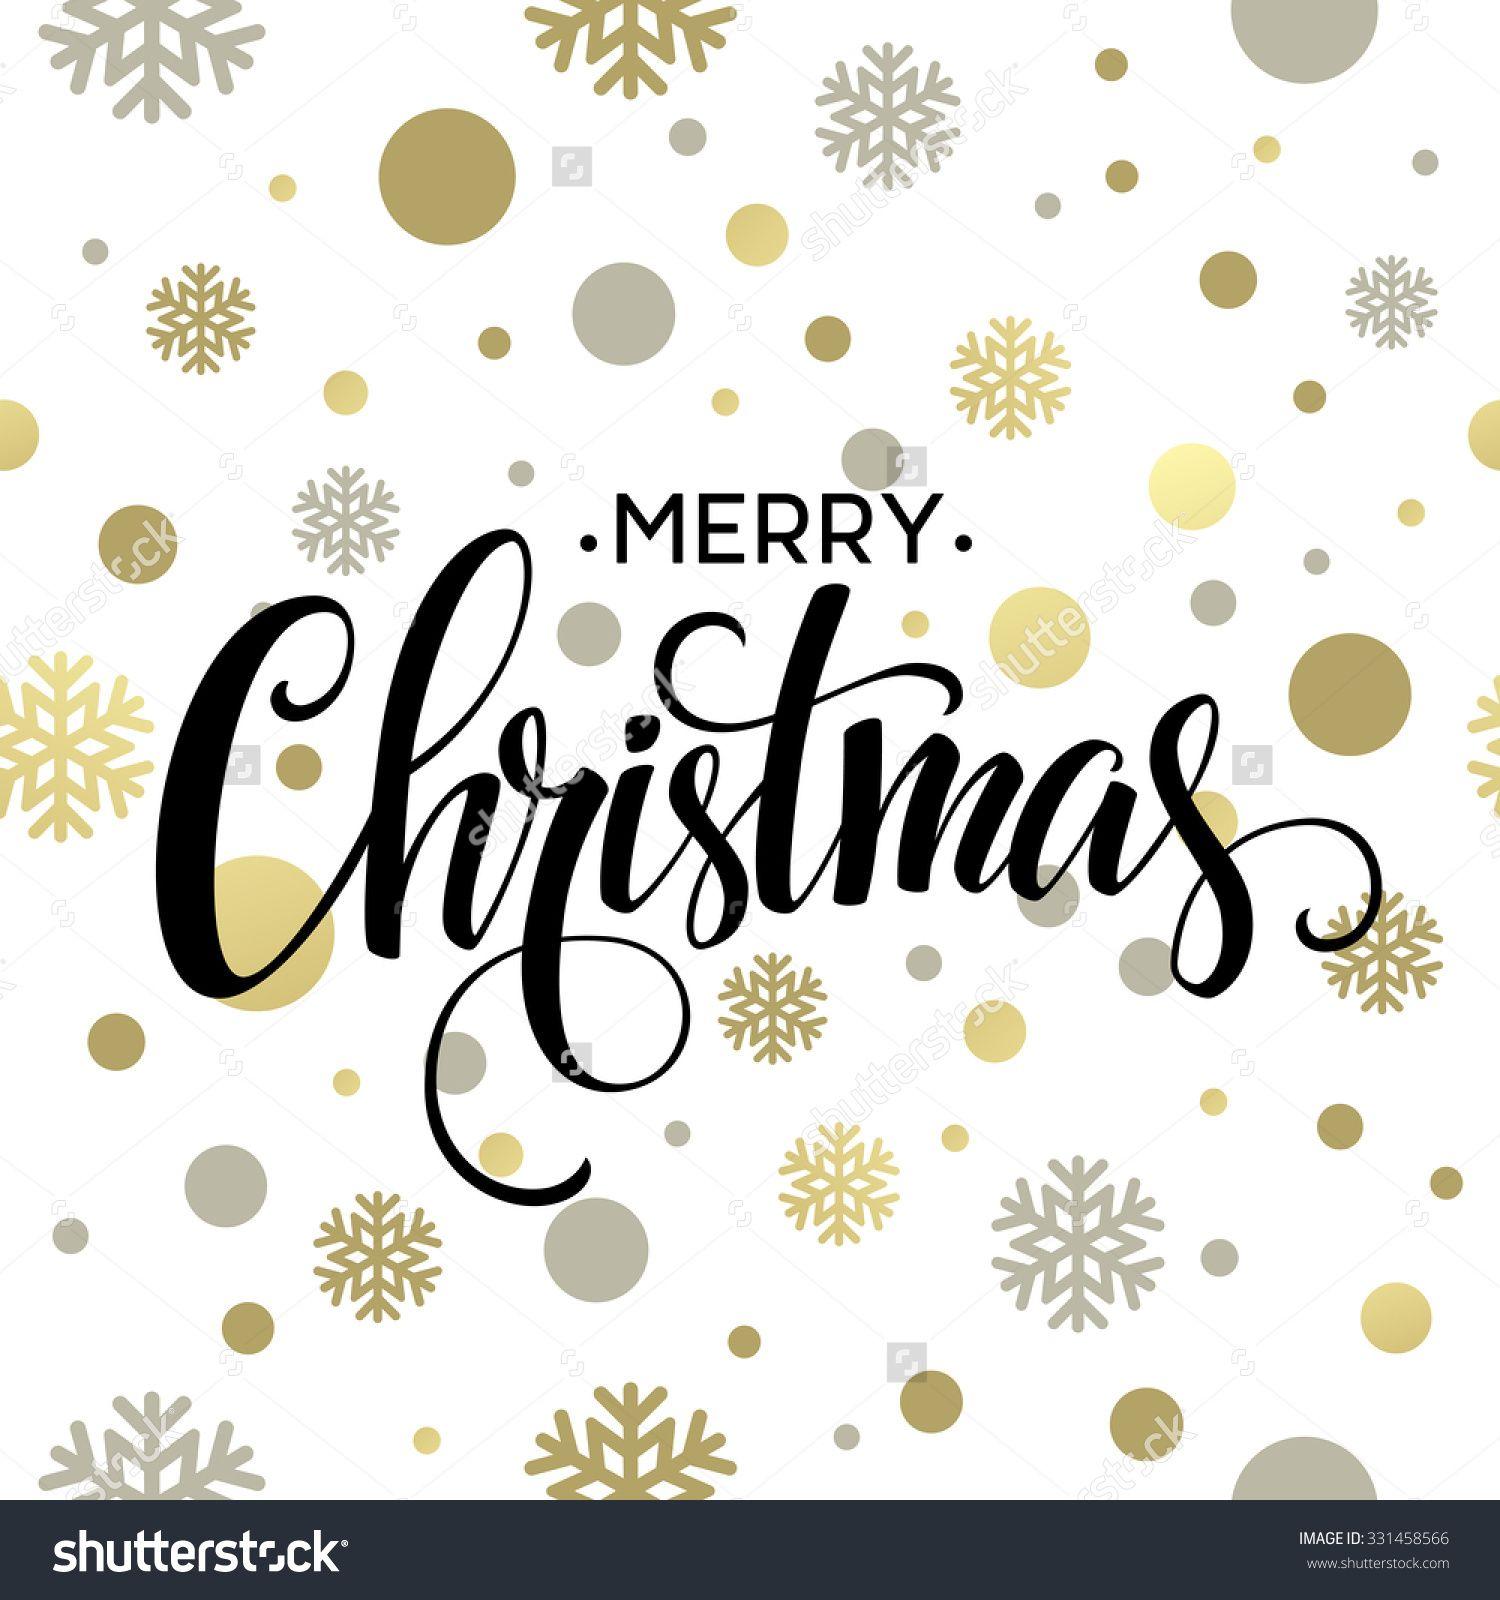 Merry Christmas Gold Glittering Lettering Design. Vector ...